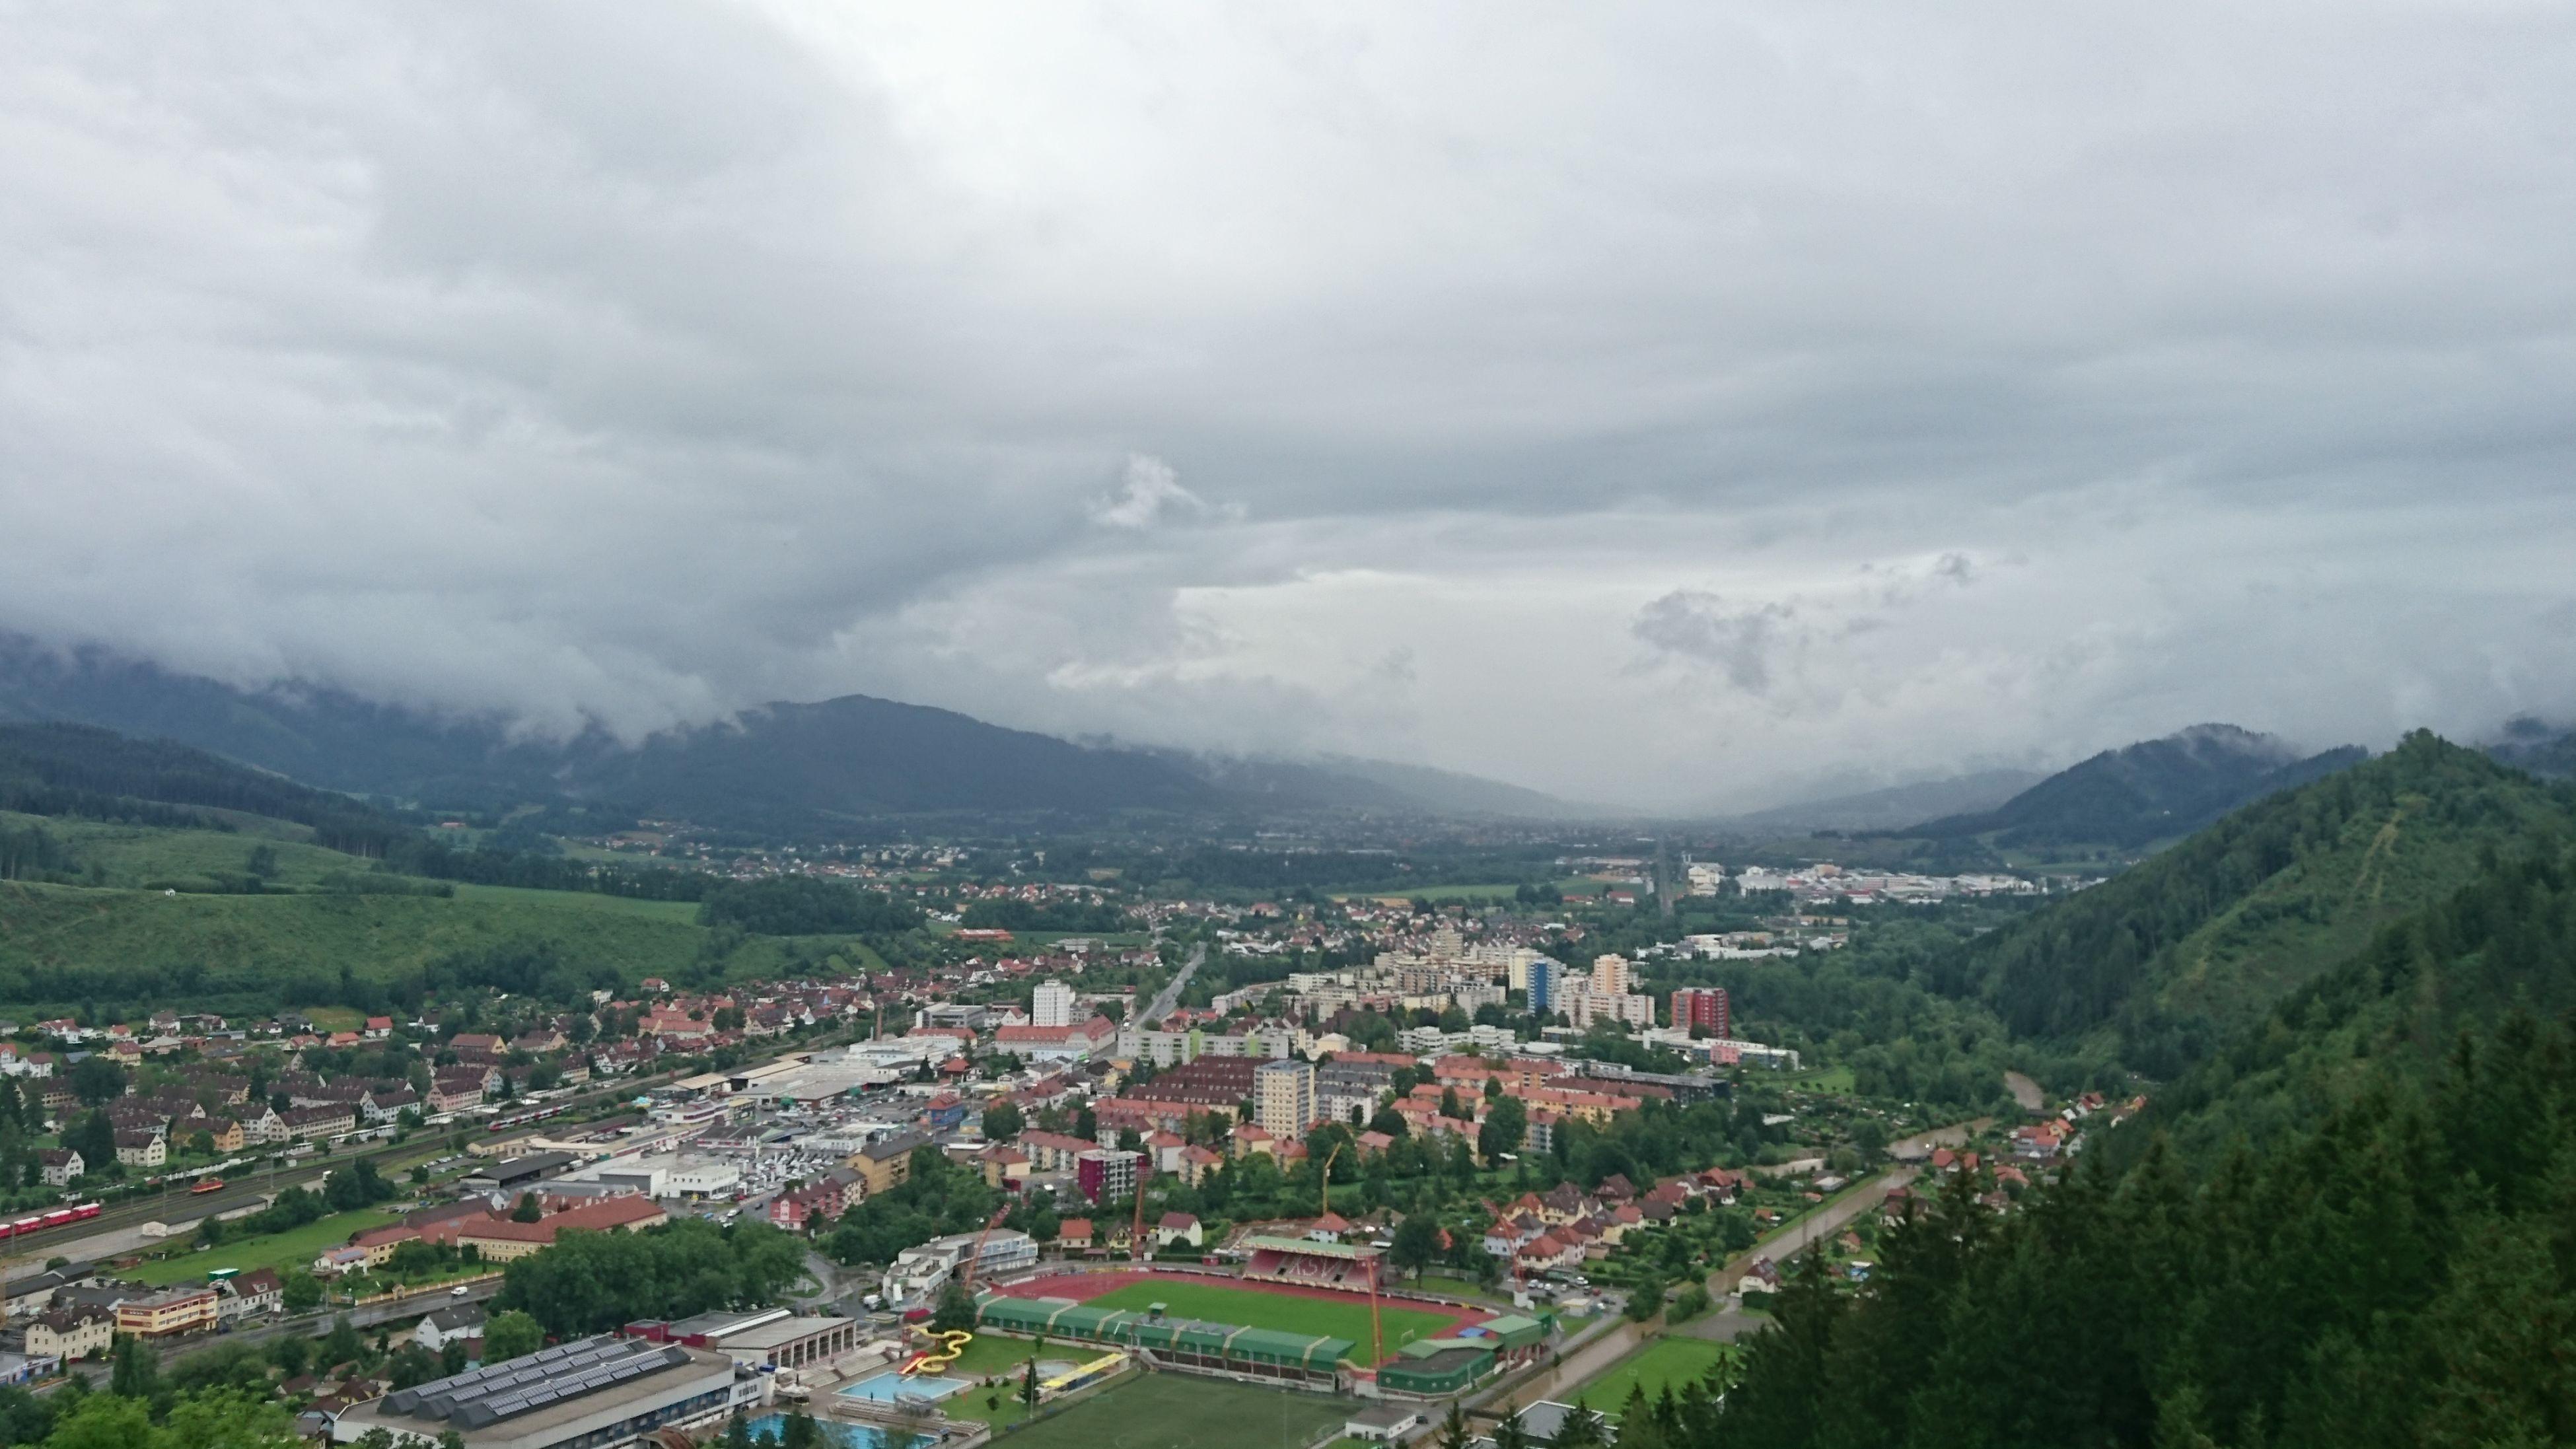 Clouds Berge Blick Von Der Burg Ausblick View Hello World EyeEm EyeEmBestPics EyeEmbestshots Eyemphotography Aussicht Tiefe Wolken